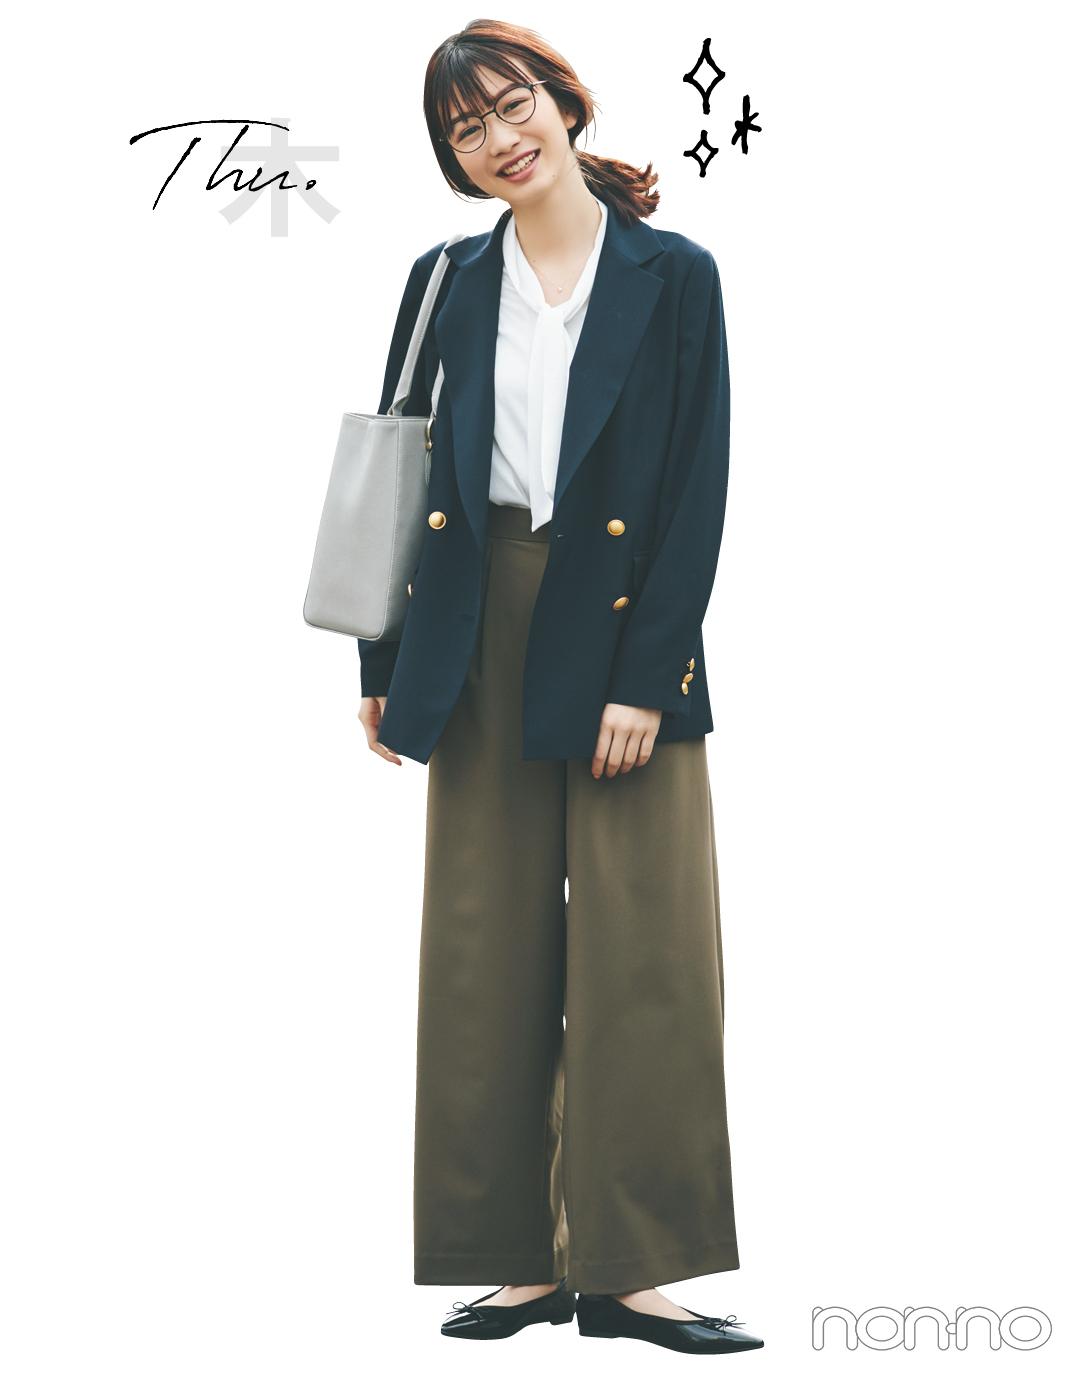 【新社会人のオフィスコーデ】服装ゆるめ企業勤務の1週間&買うべき名品をチェック!_1_9